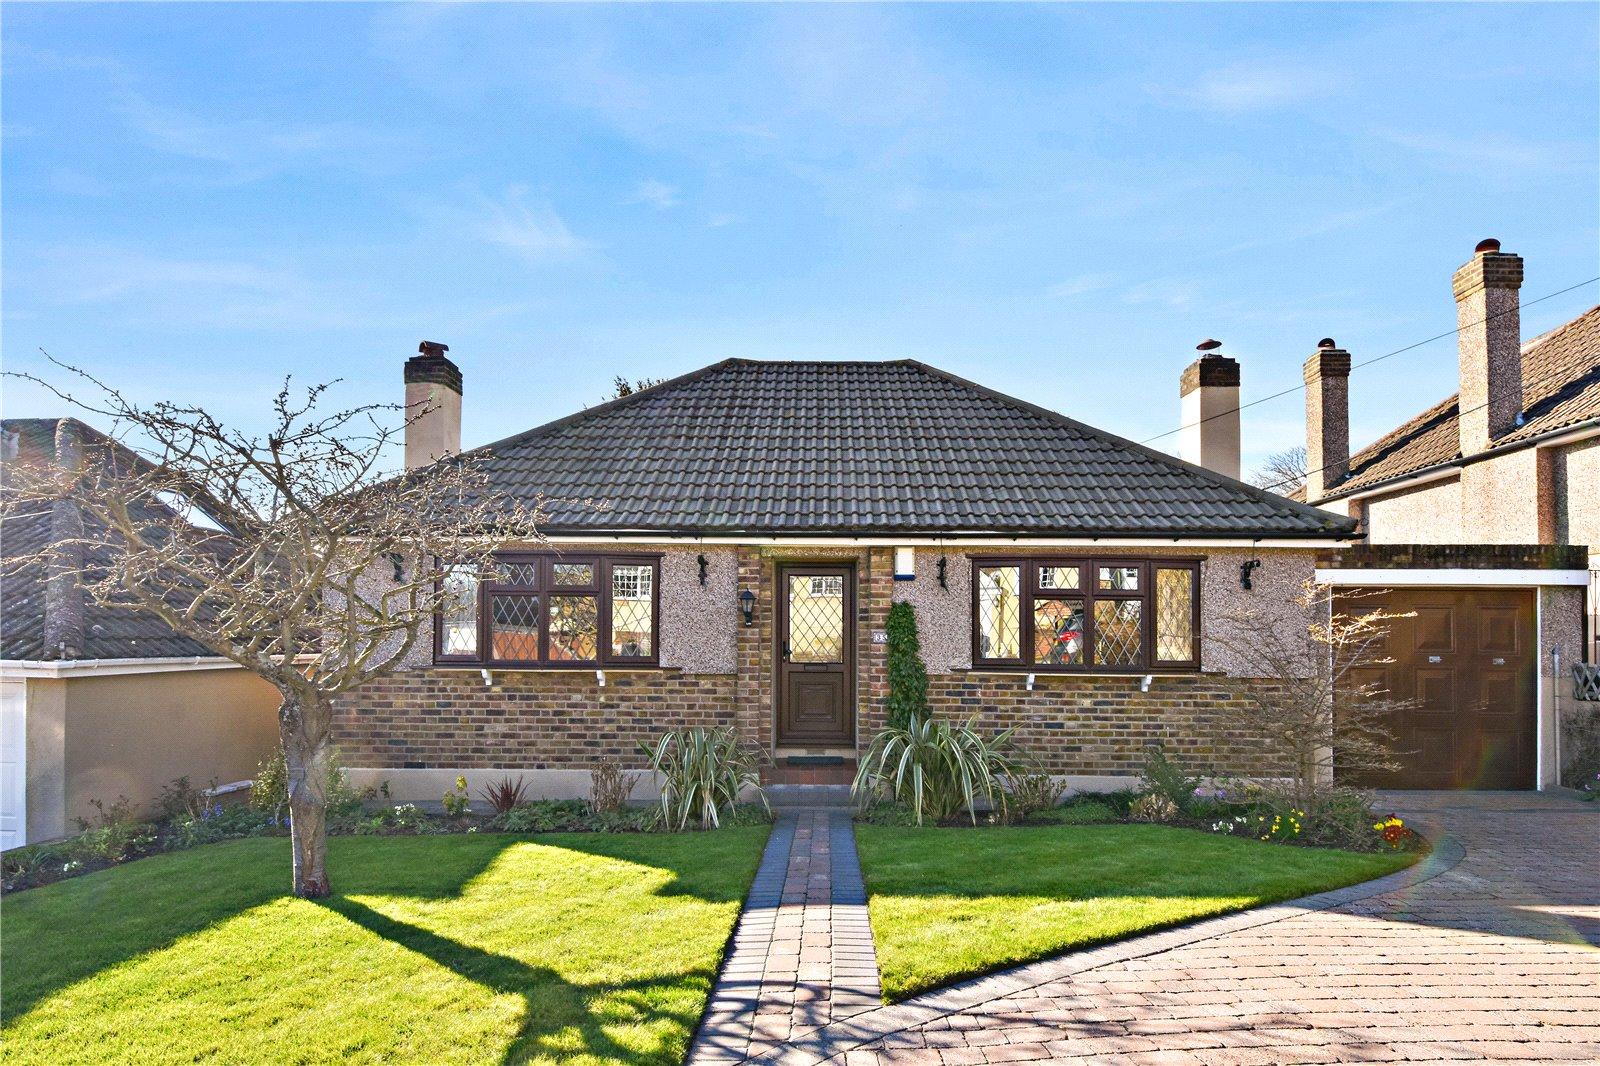 Hill View Road, New Barn, Longfield, Kent, DA3